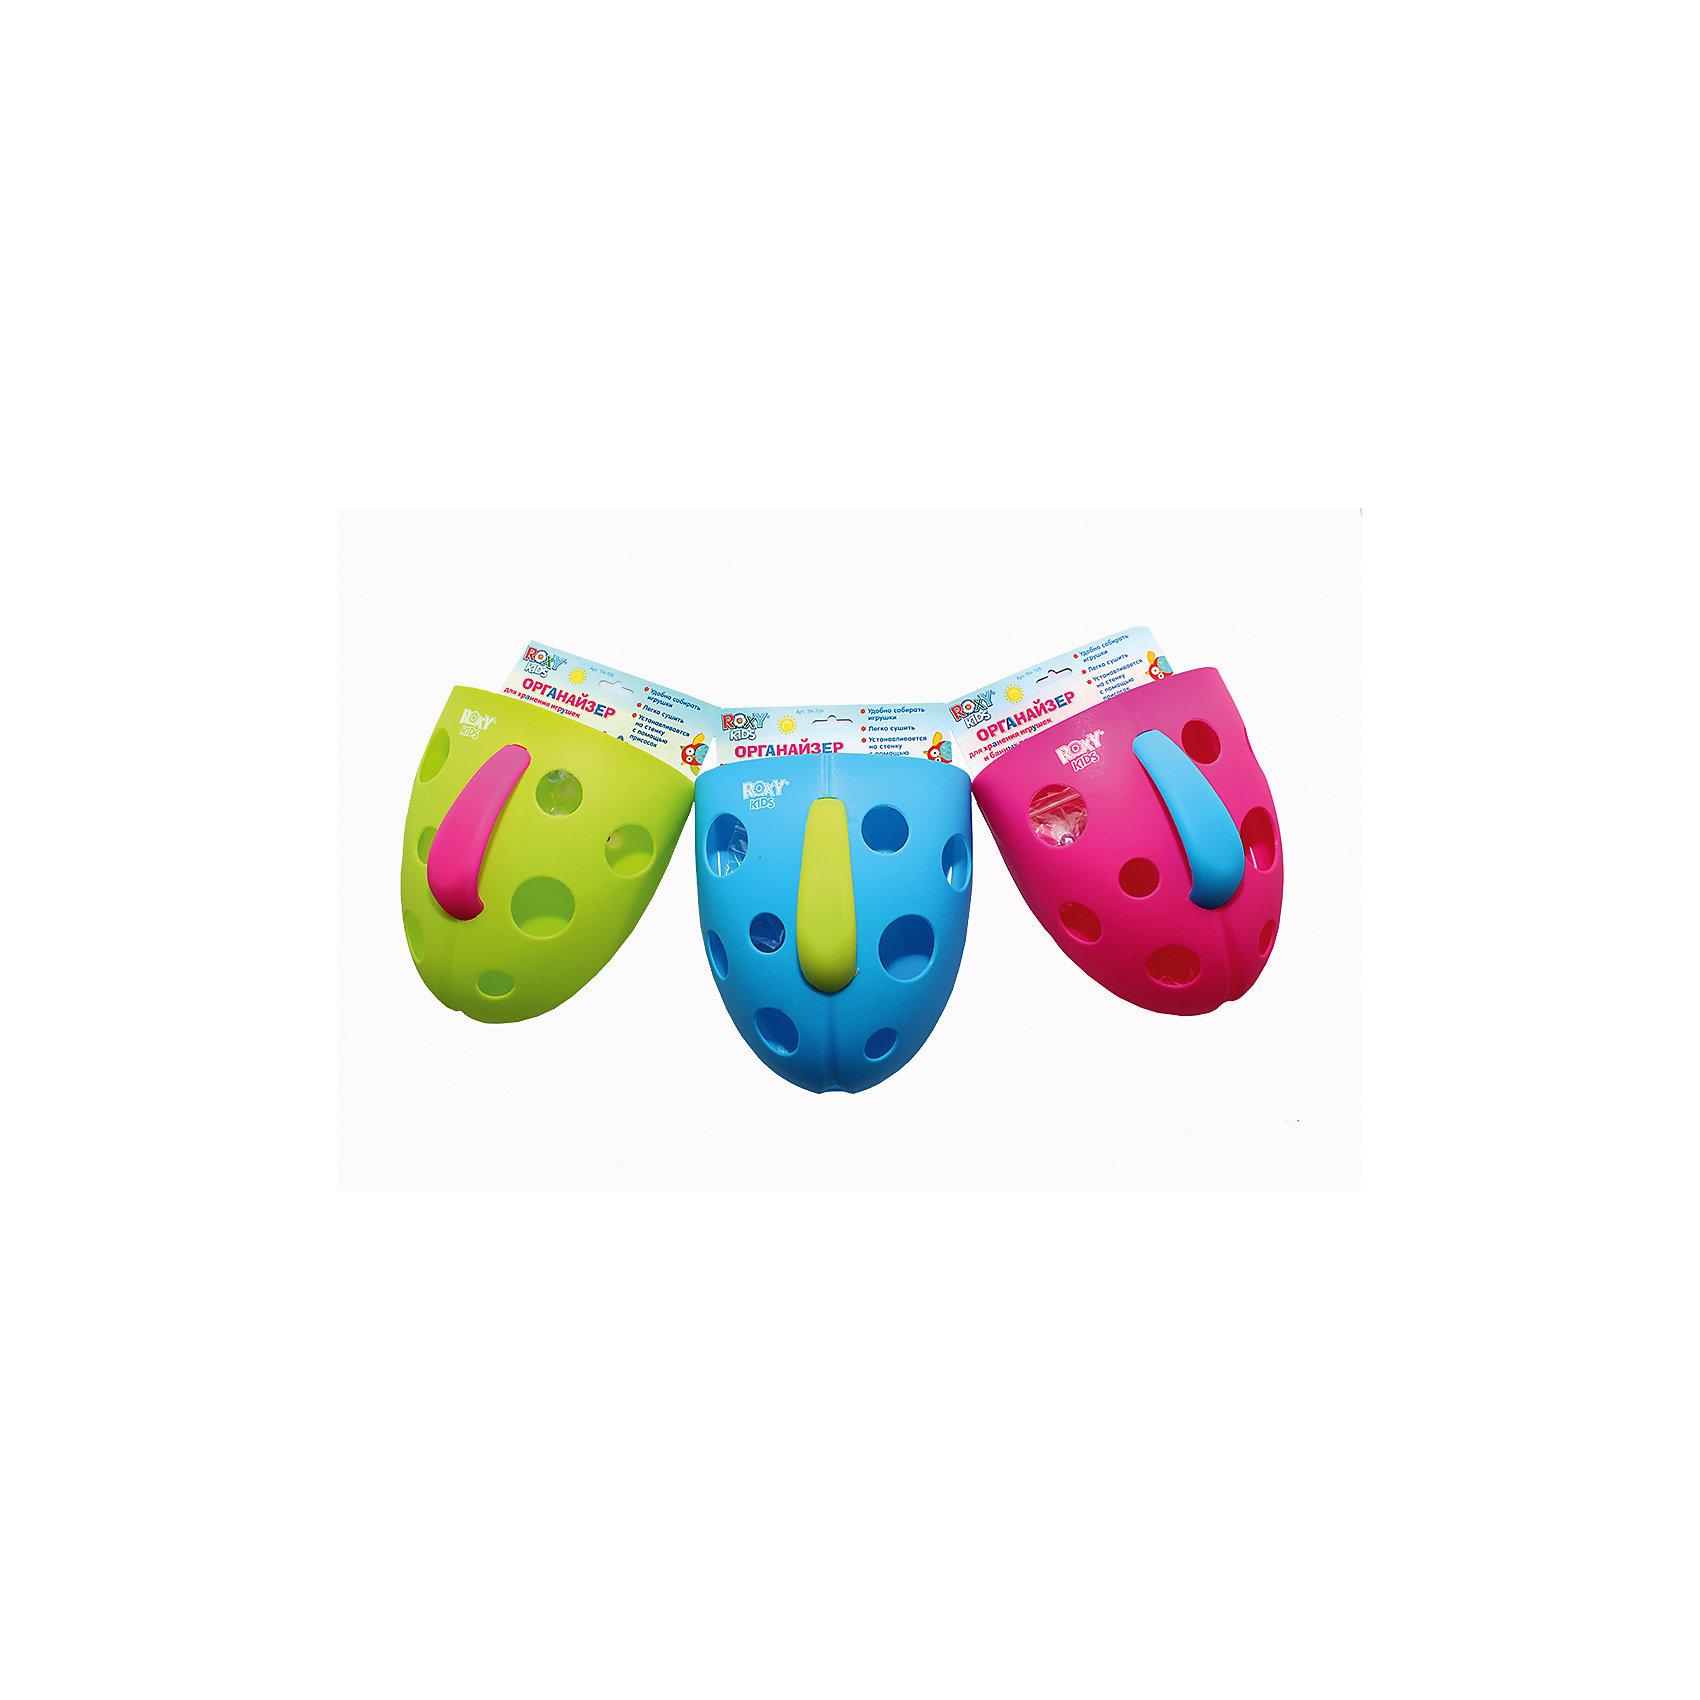 Органайзер для игрушек на присоске, Roxy-Kids, зеленый